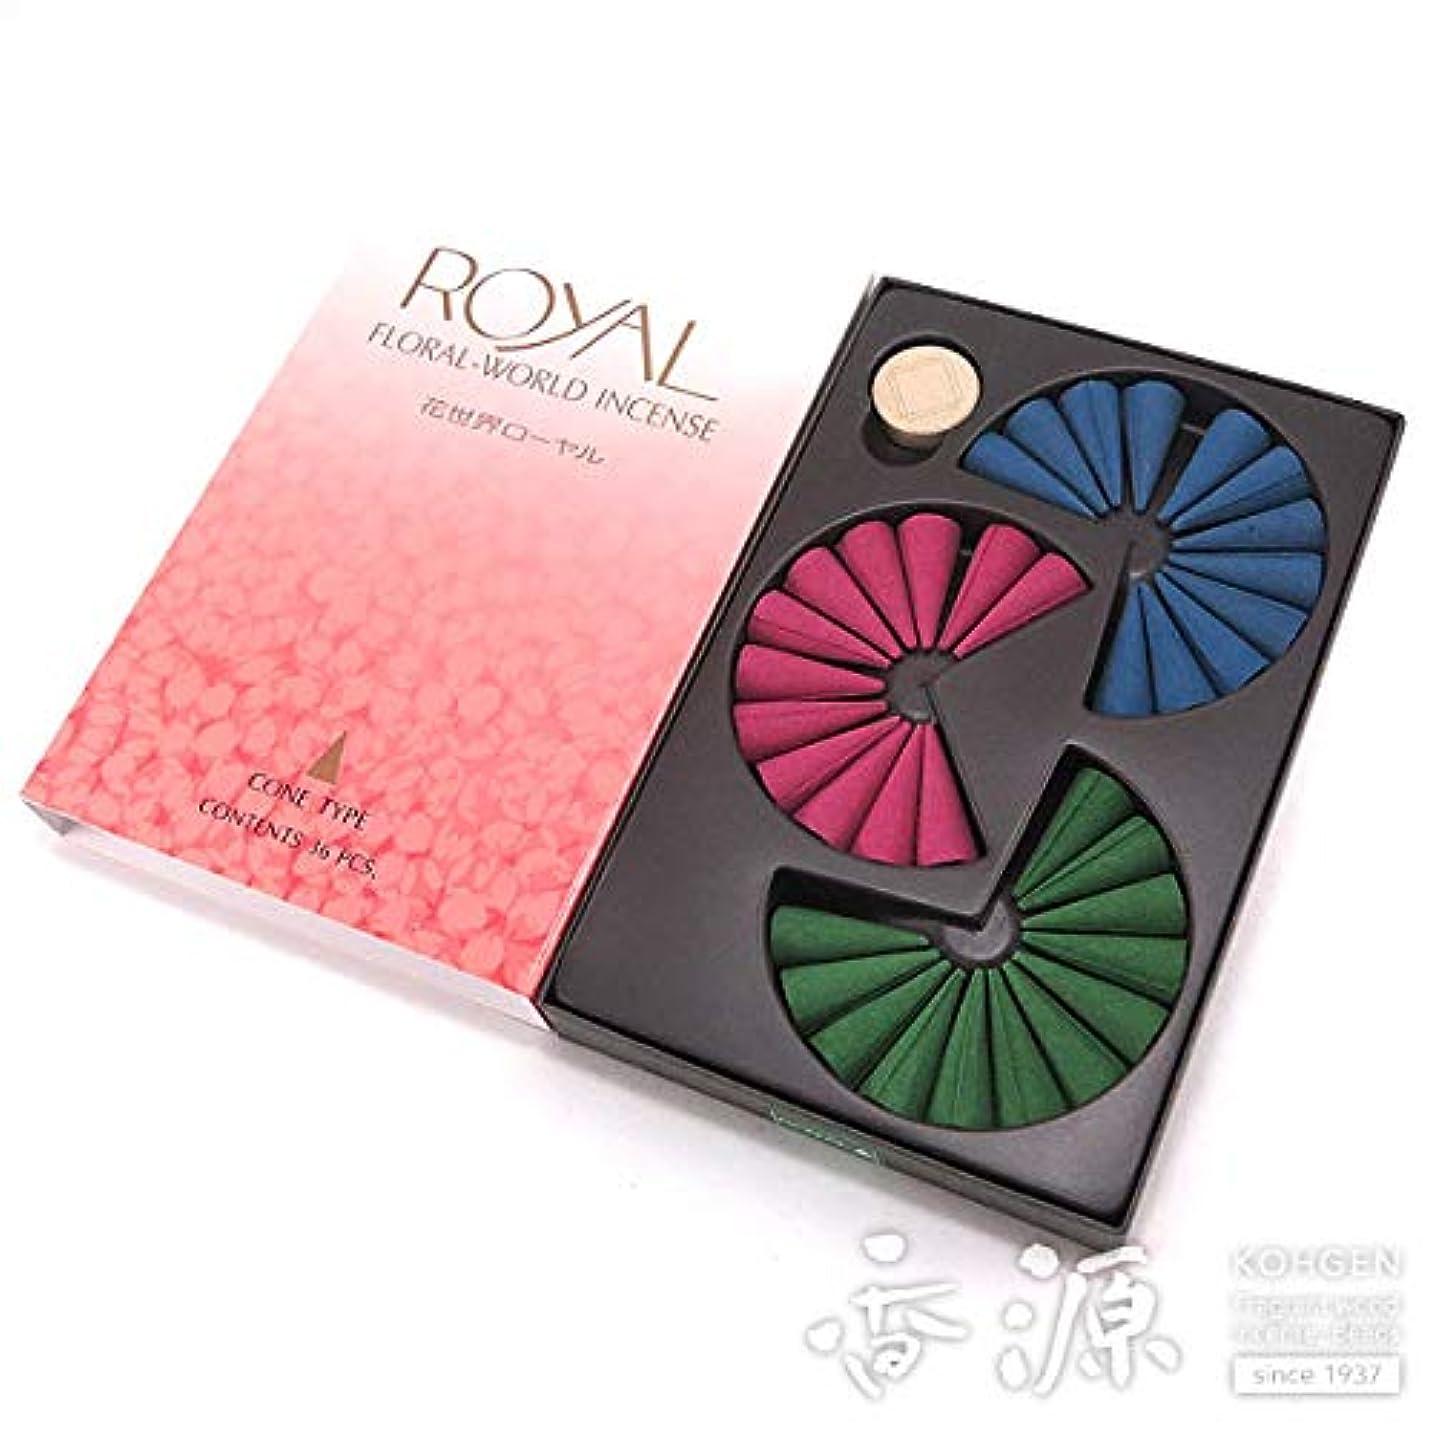 松栄堂のお香 花世界ローヤル CO36粒入 簡易香立付 #220411